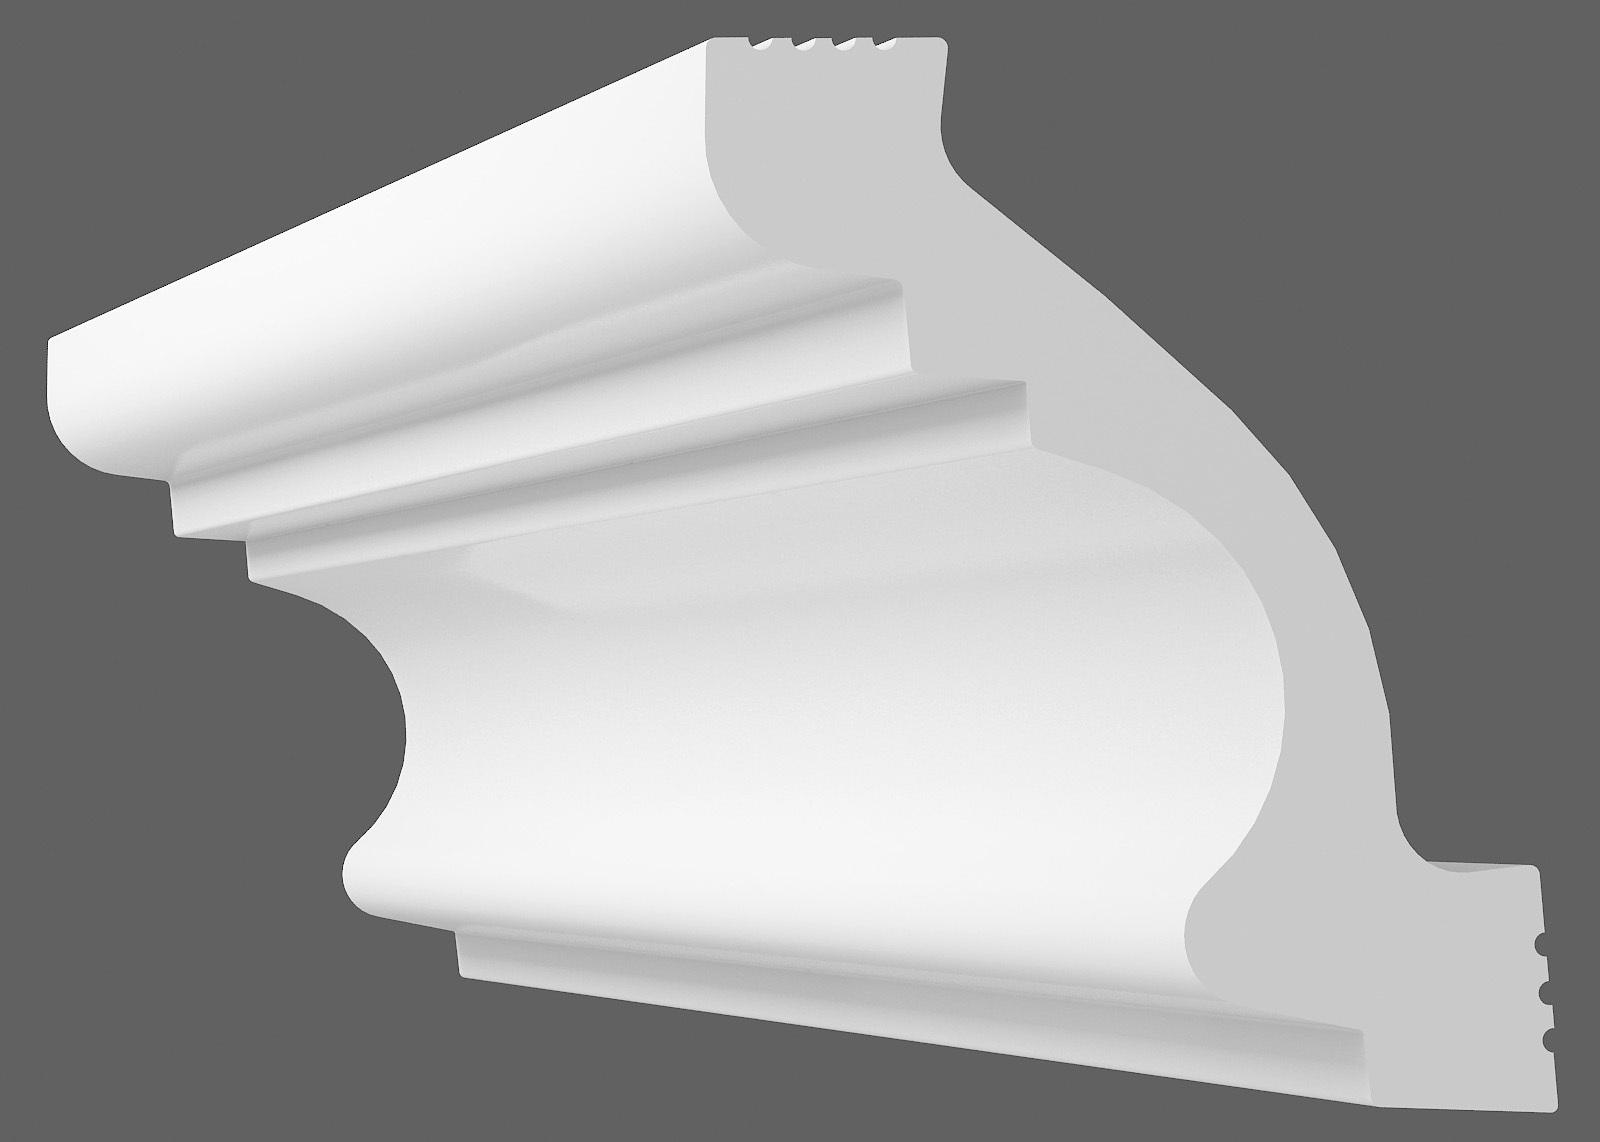 Потолочный плинтус C-50 (Размер:50х40мм)